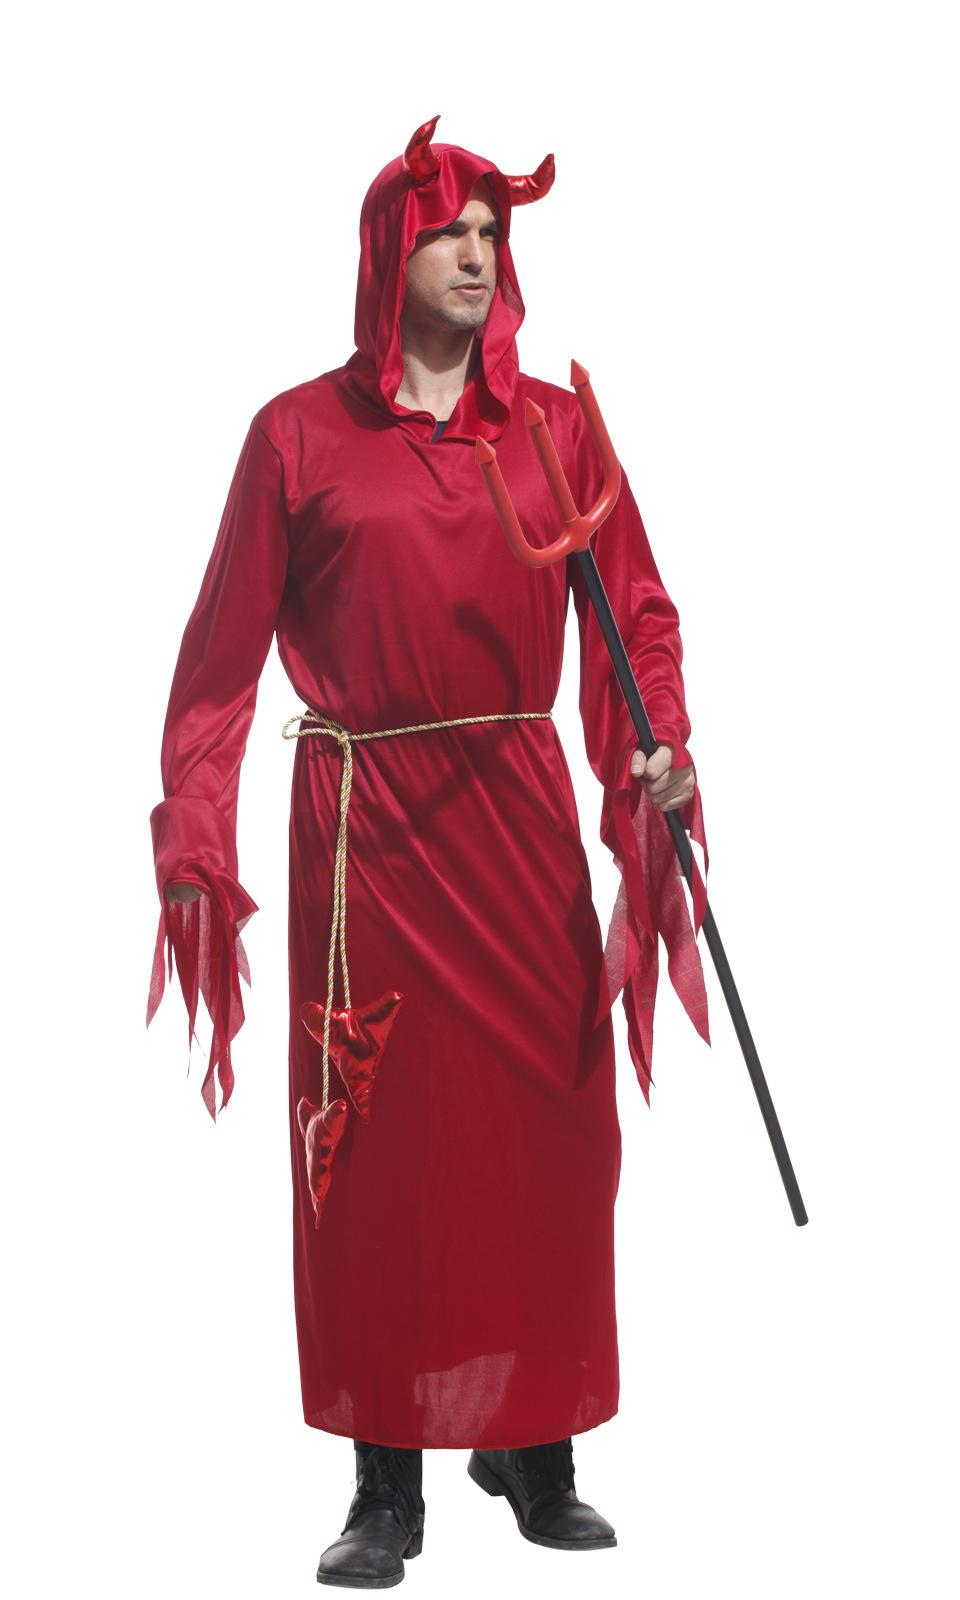 red devil kostüm ideen